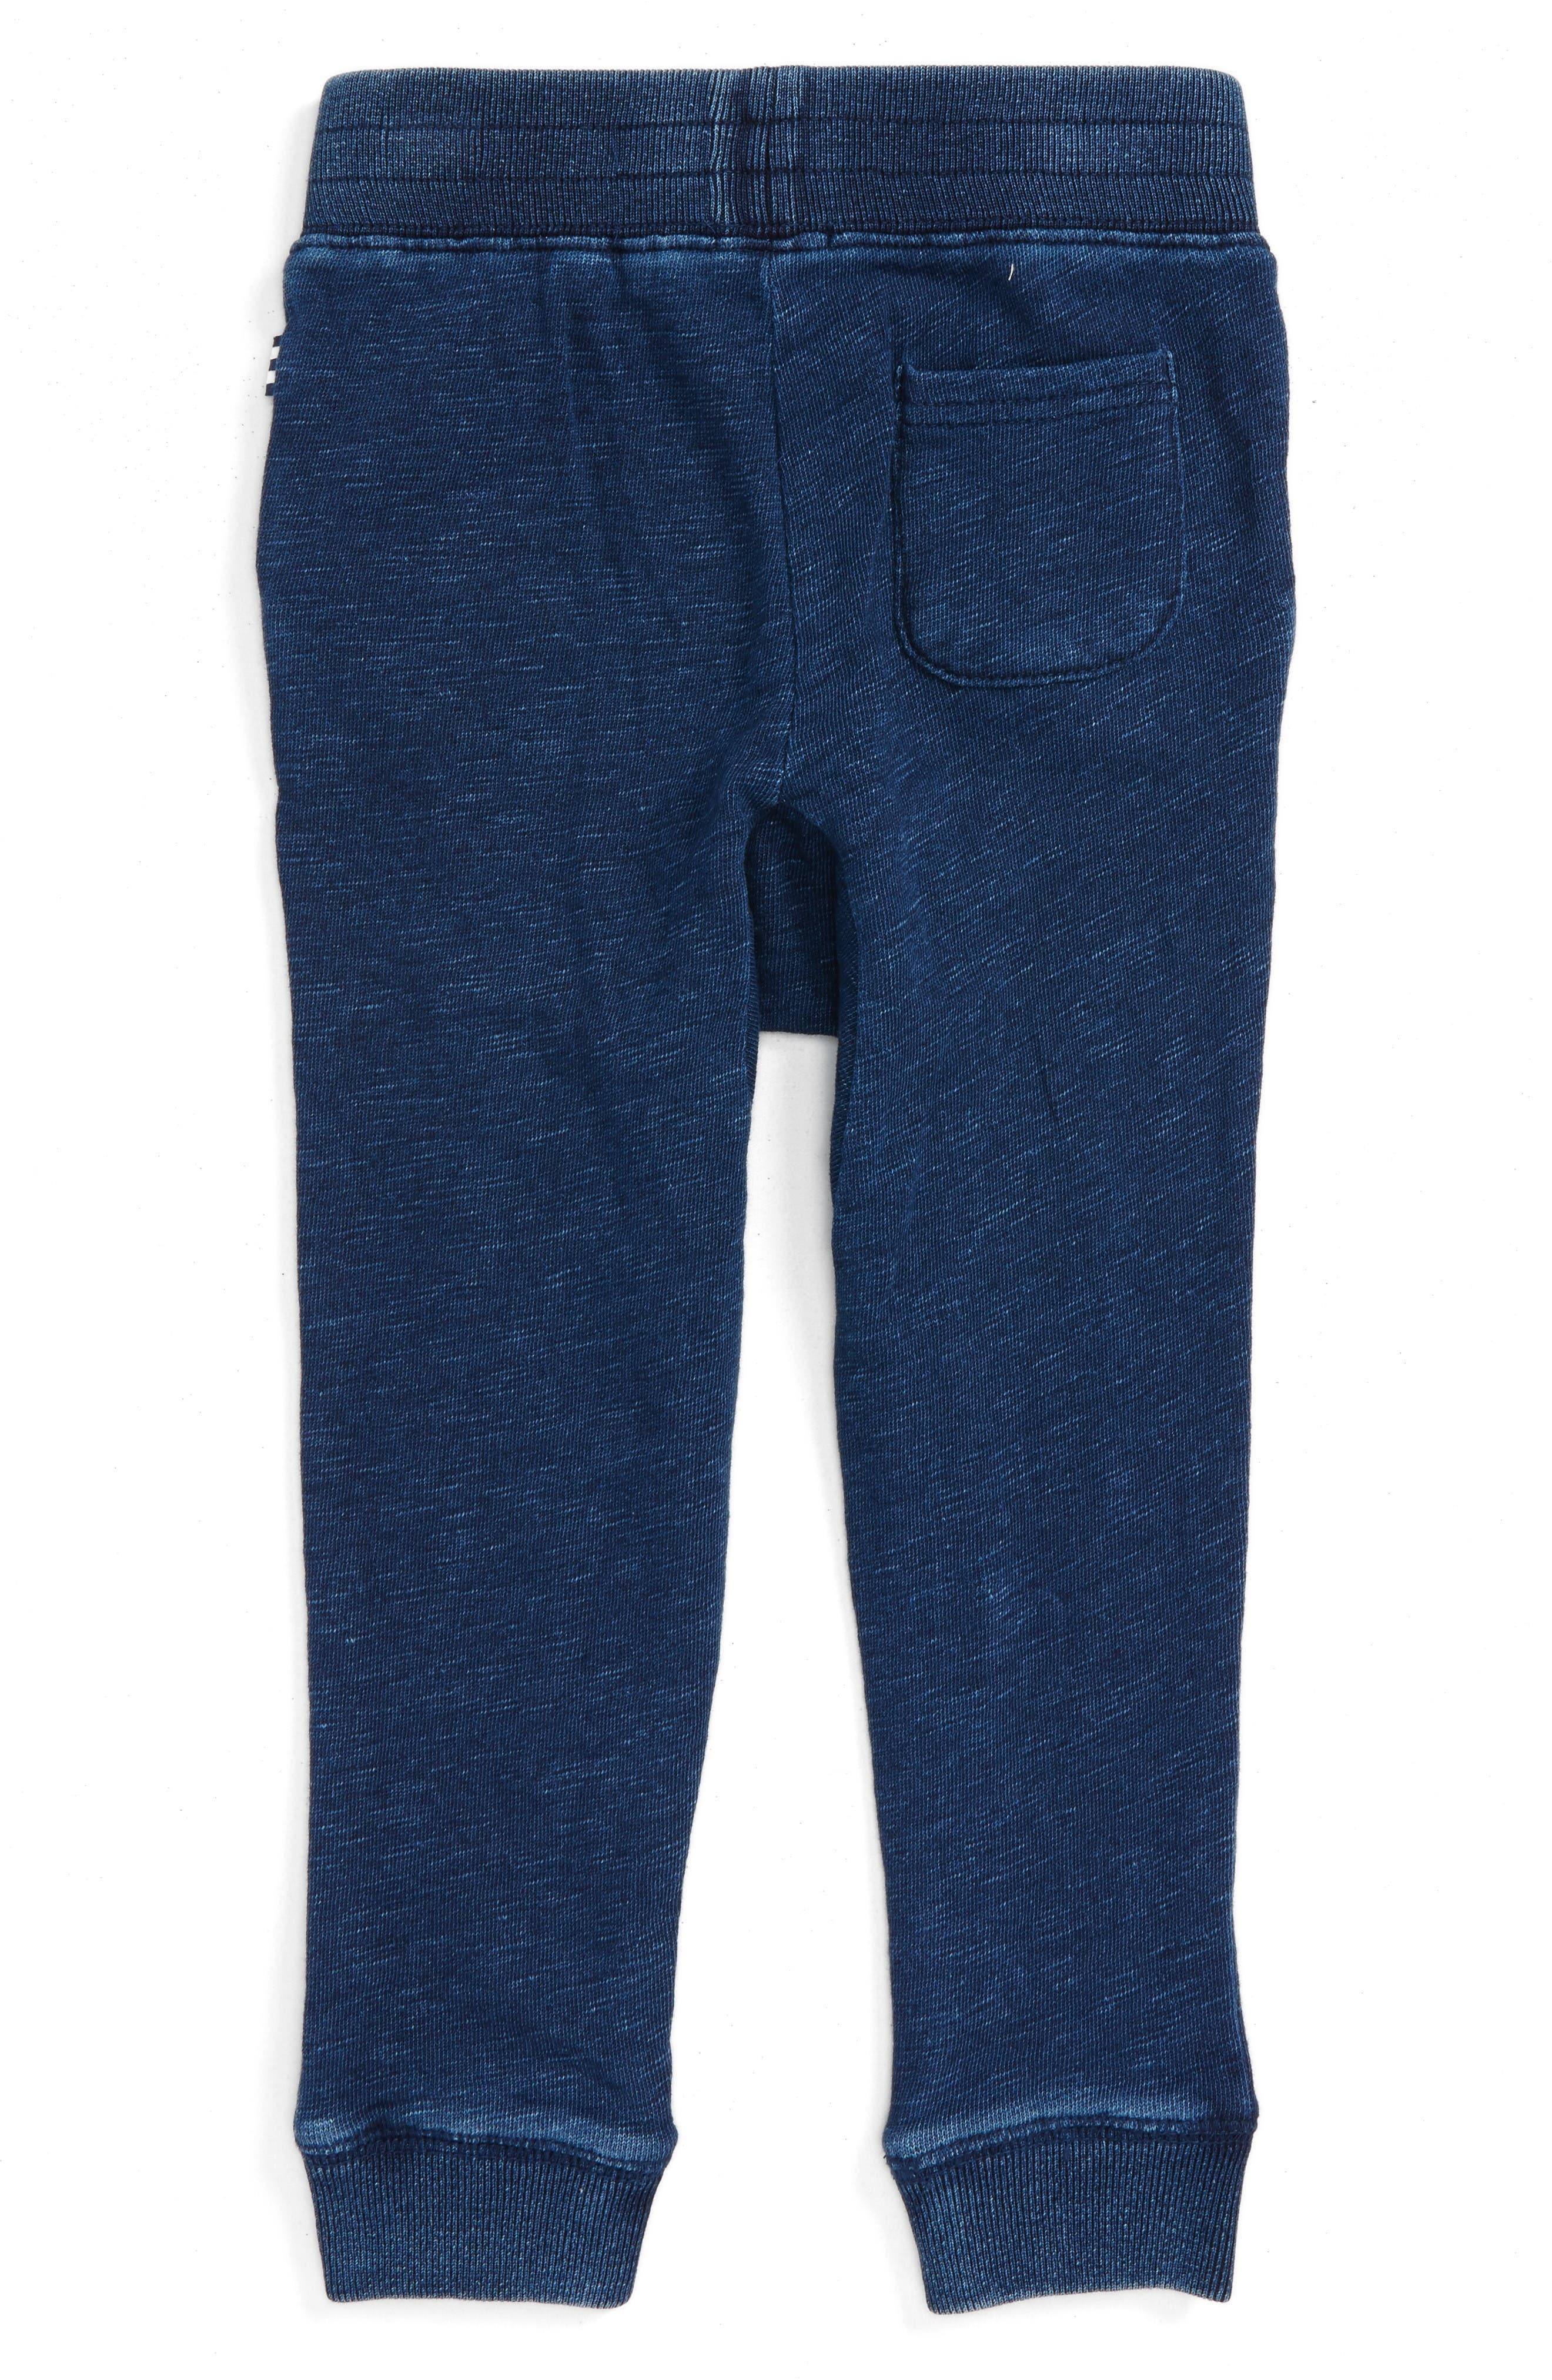 Double Knit Jogger Pants,                             Alternate thumbnail 2, color,                             Dark Stone